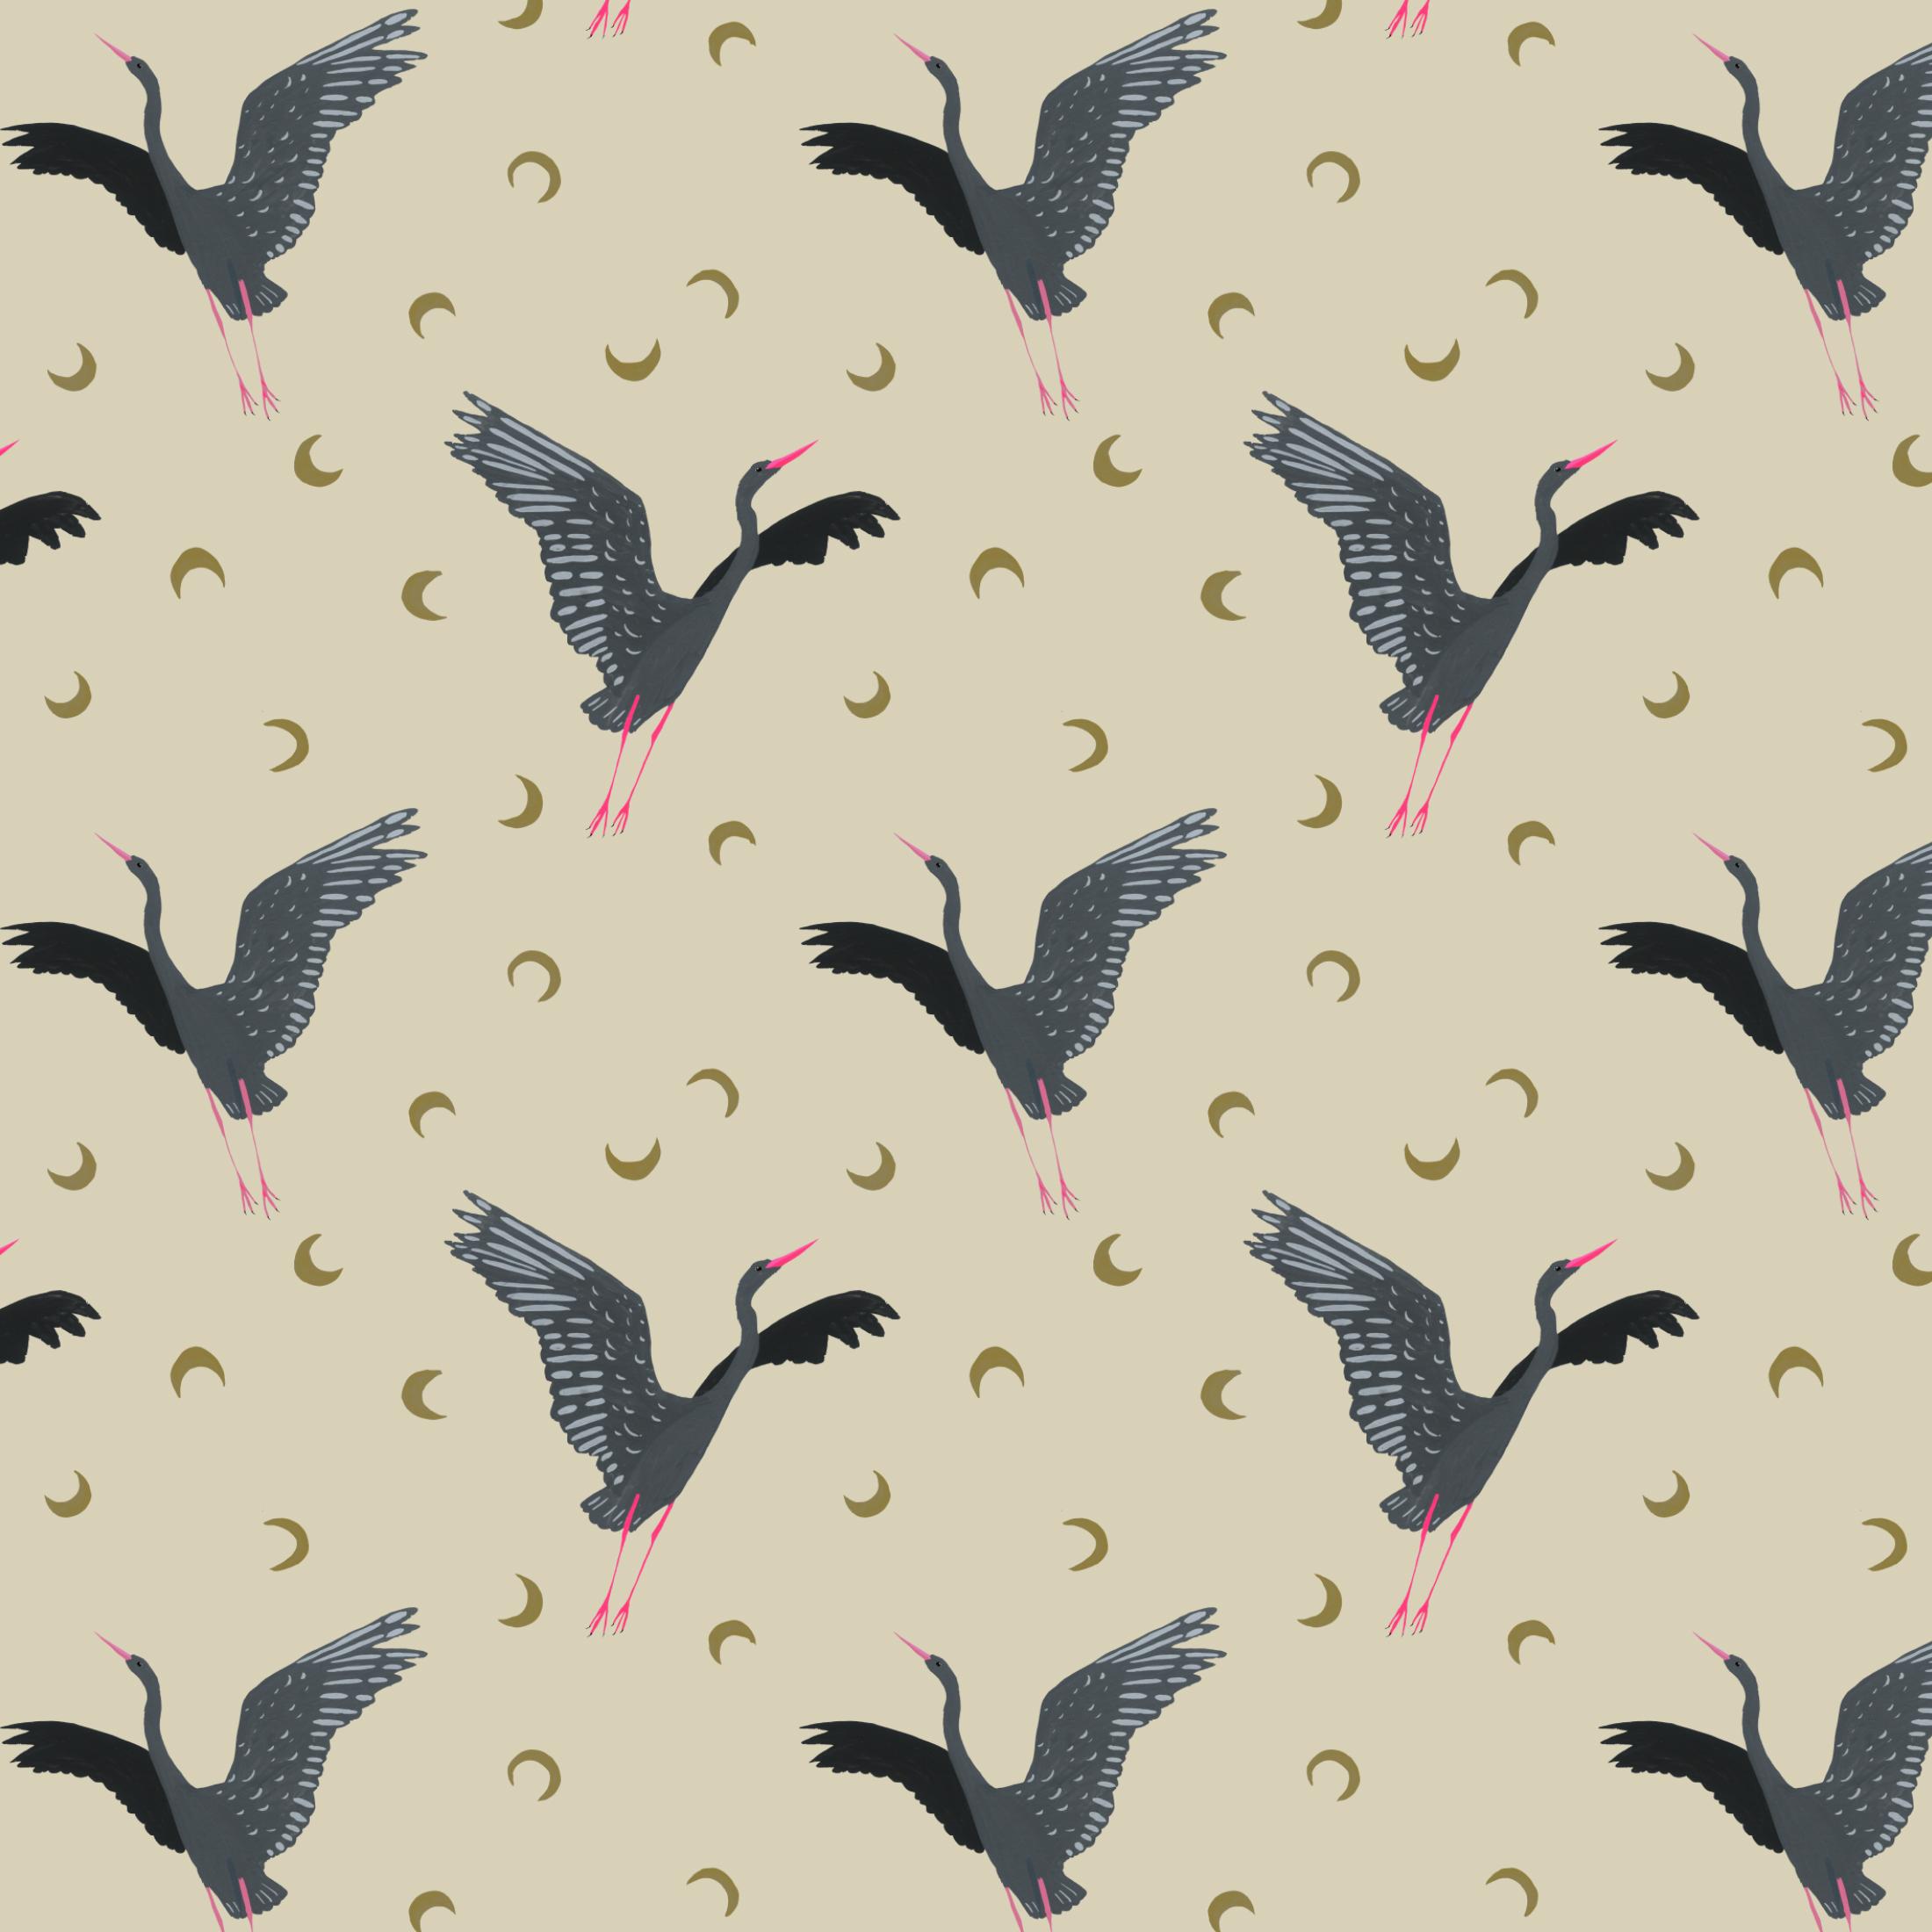 grey heron in flight pattern